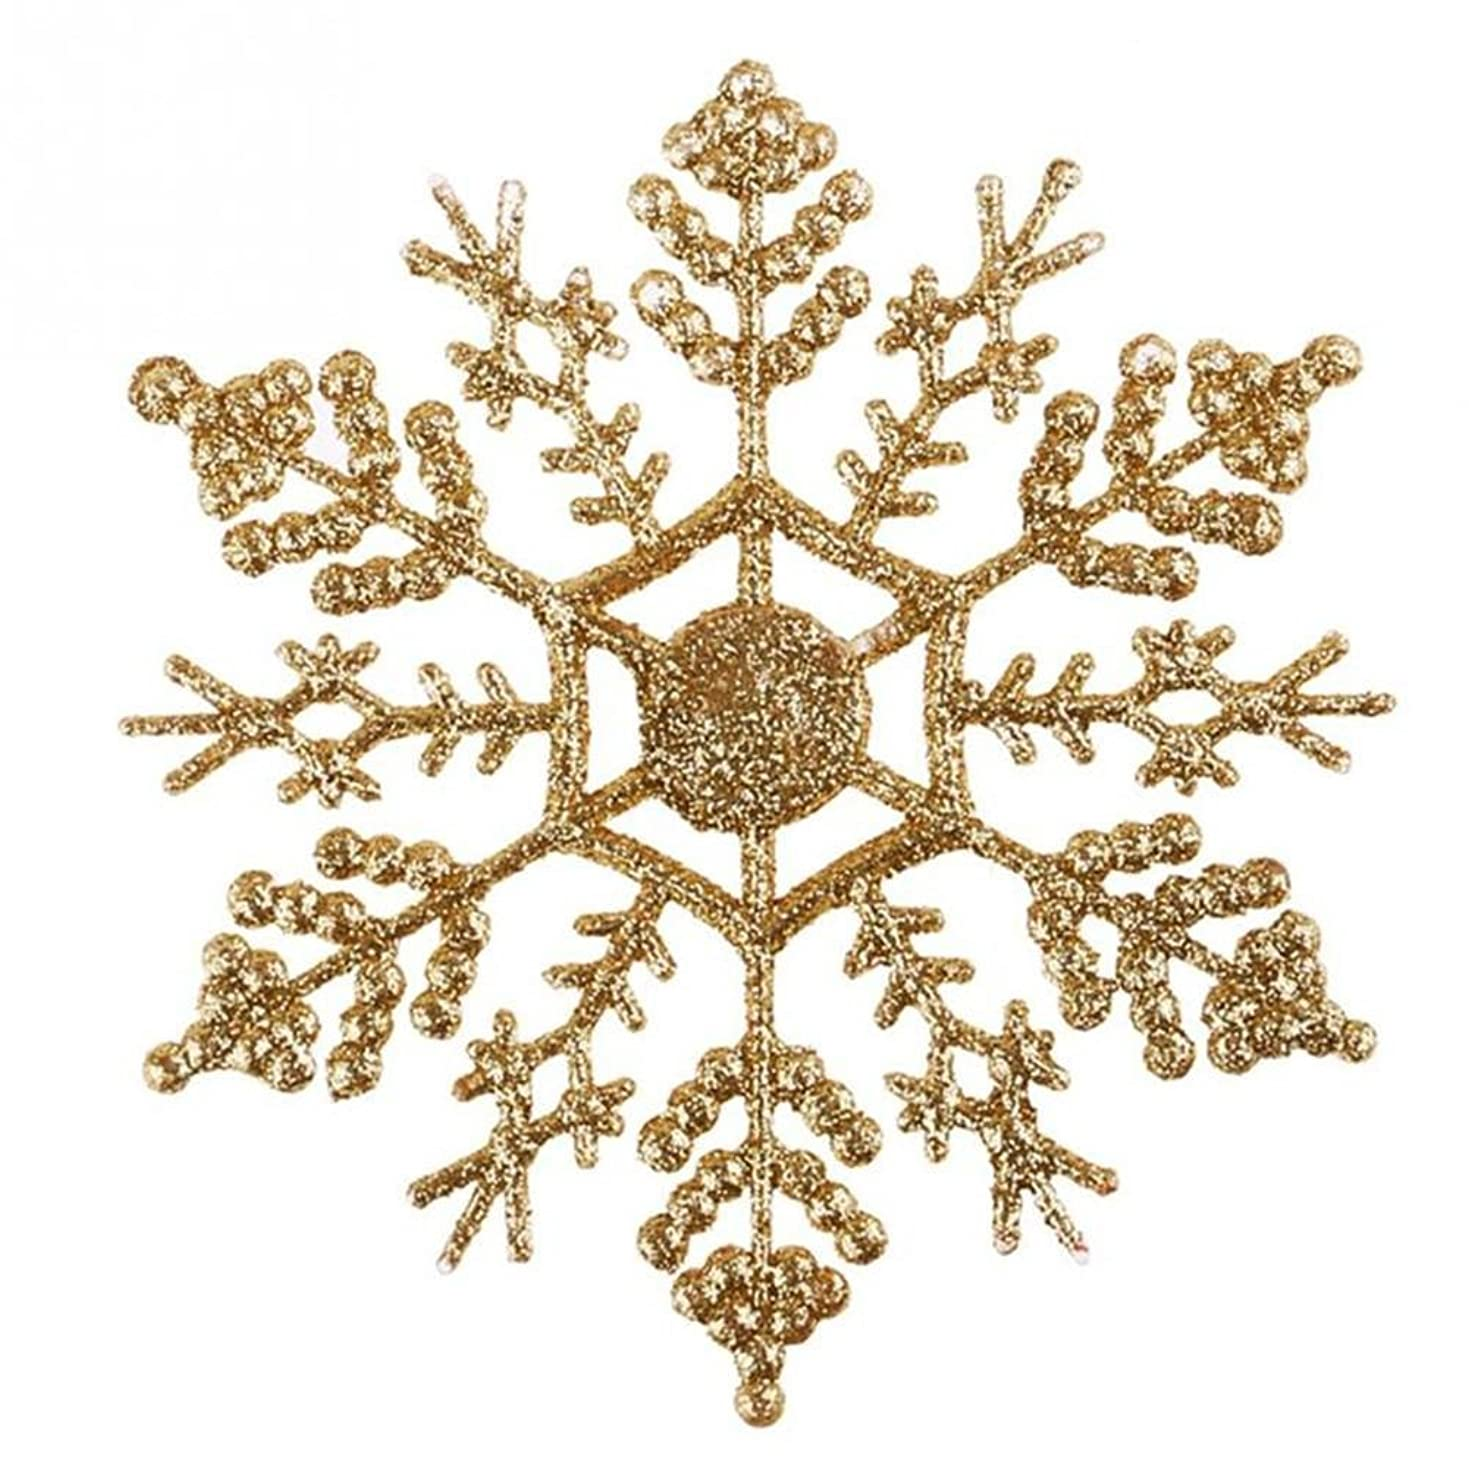 負アパル半球(ドリーミー ハット) Dreamy hut スノーフレーク 雪の結晶 クリスマスオーナメント 飾り 8色入り